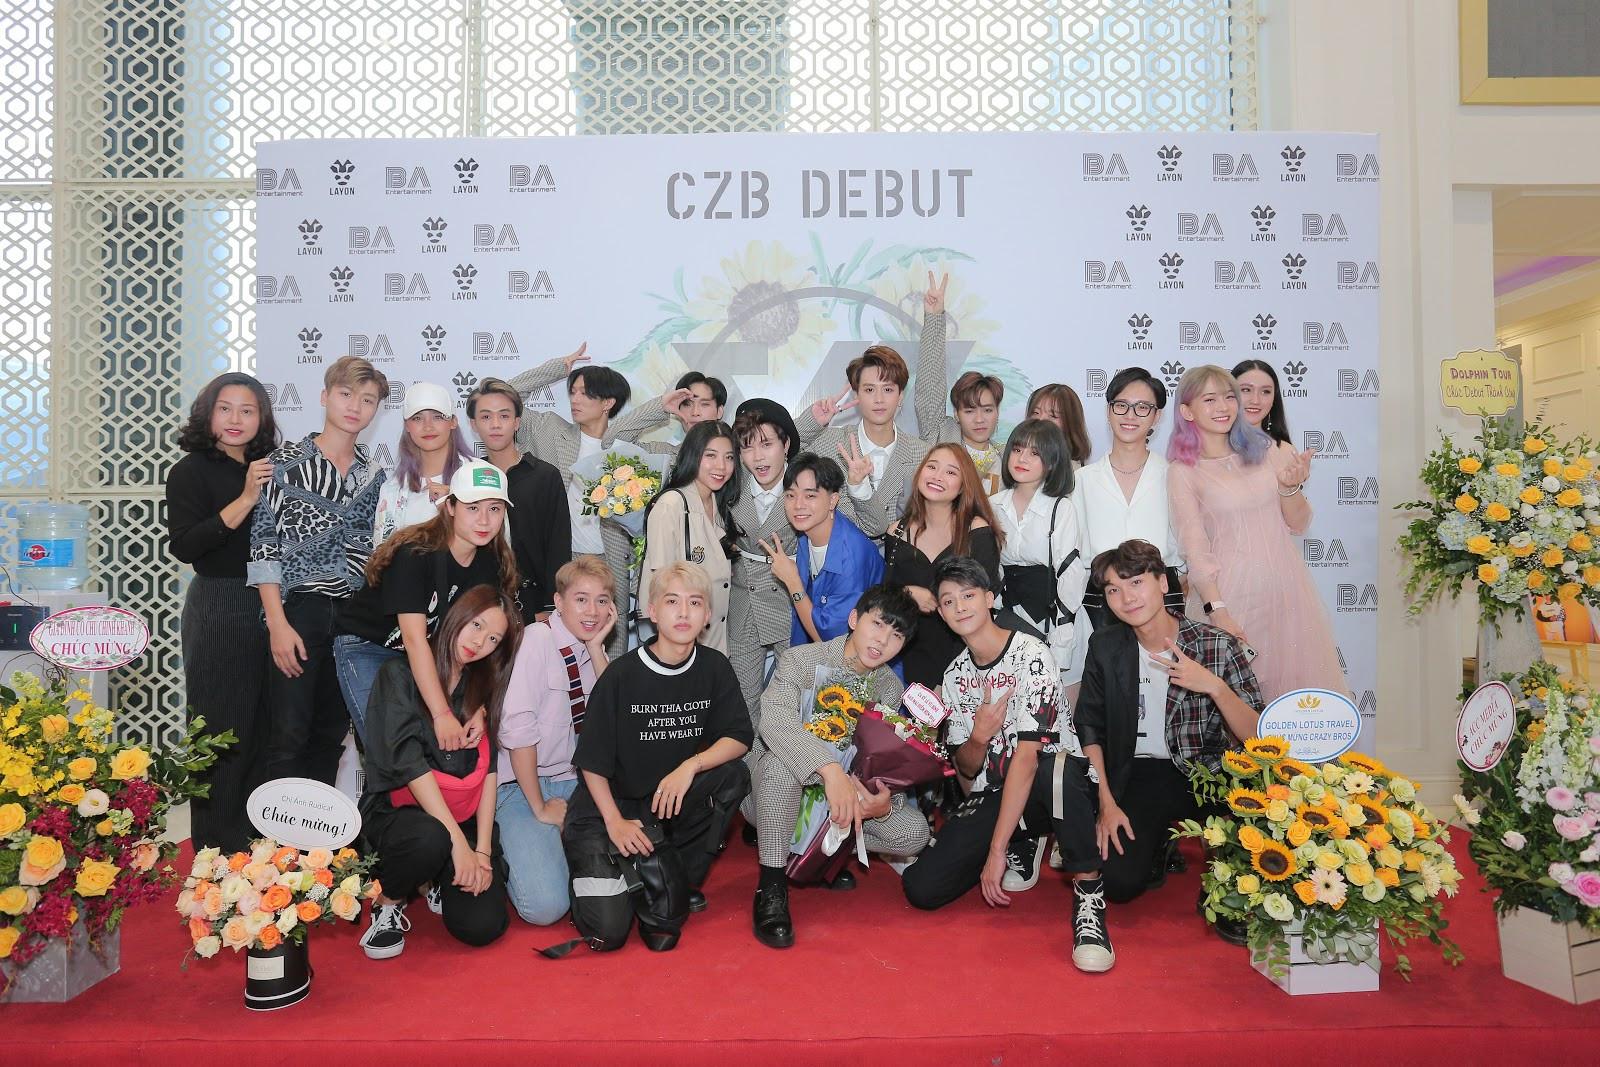 Dàn khách mời đặc biệt hội tụ trong họp báo mừng nhóm CZB chính thức ra mắt